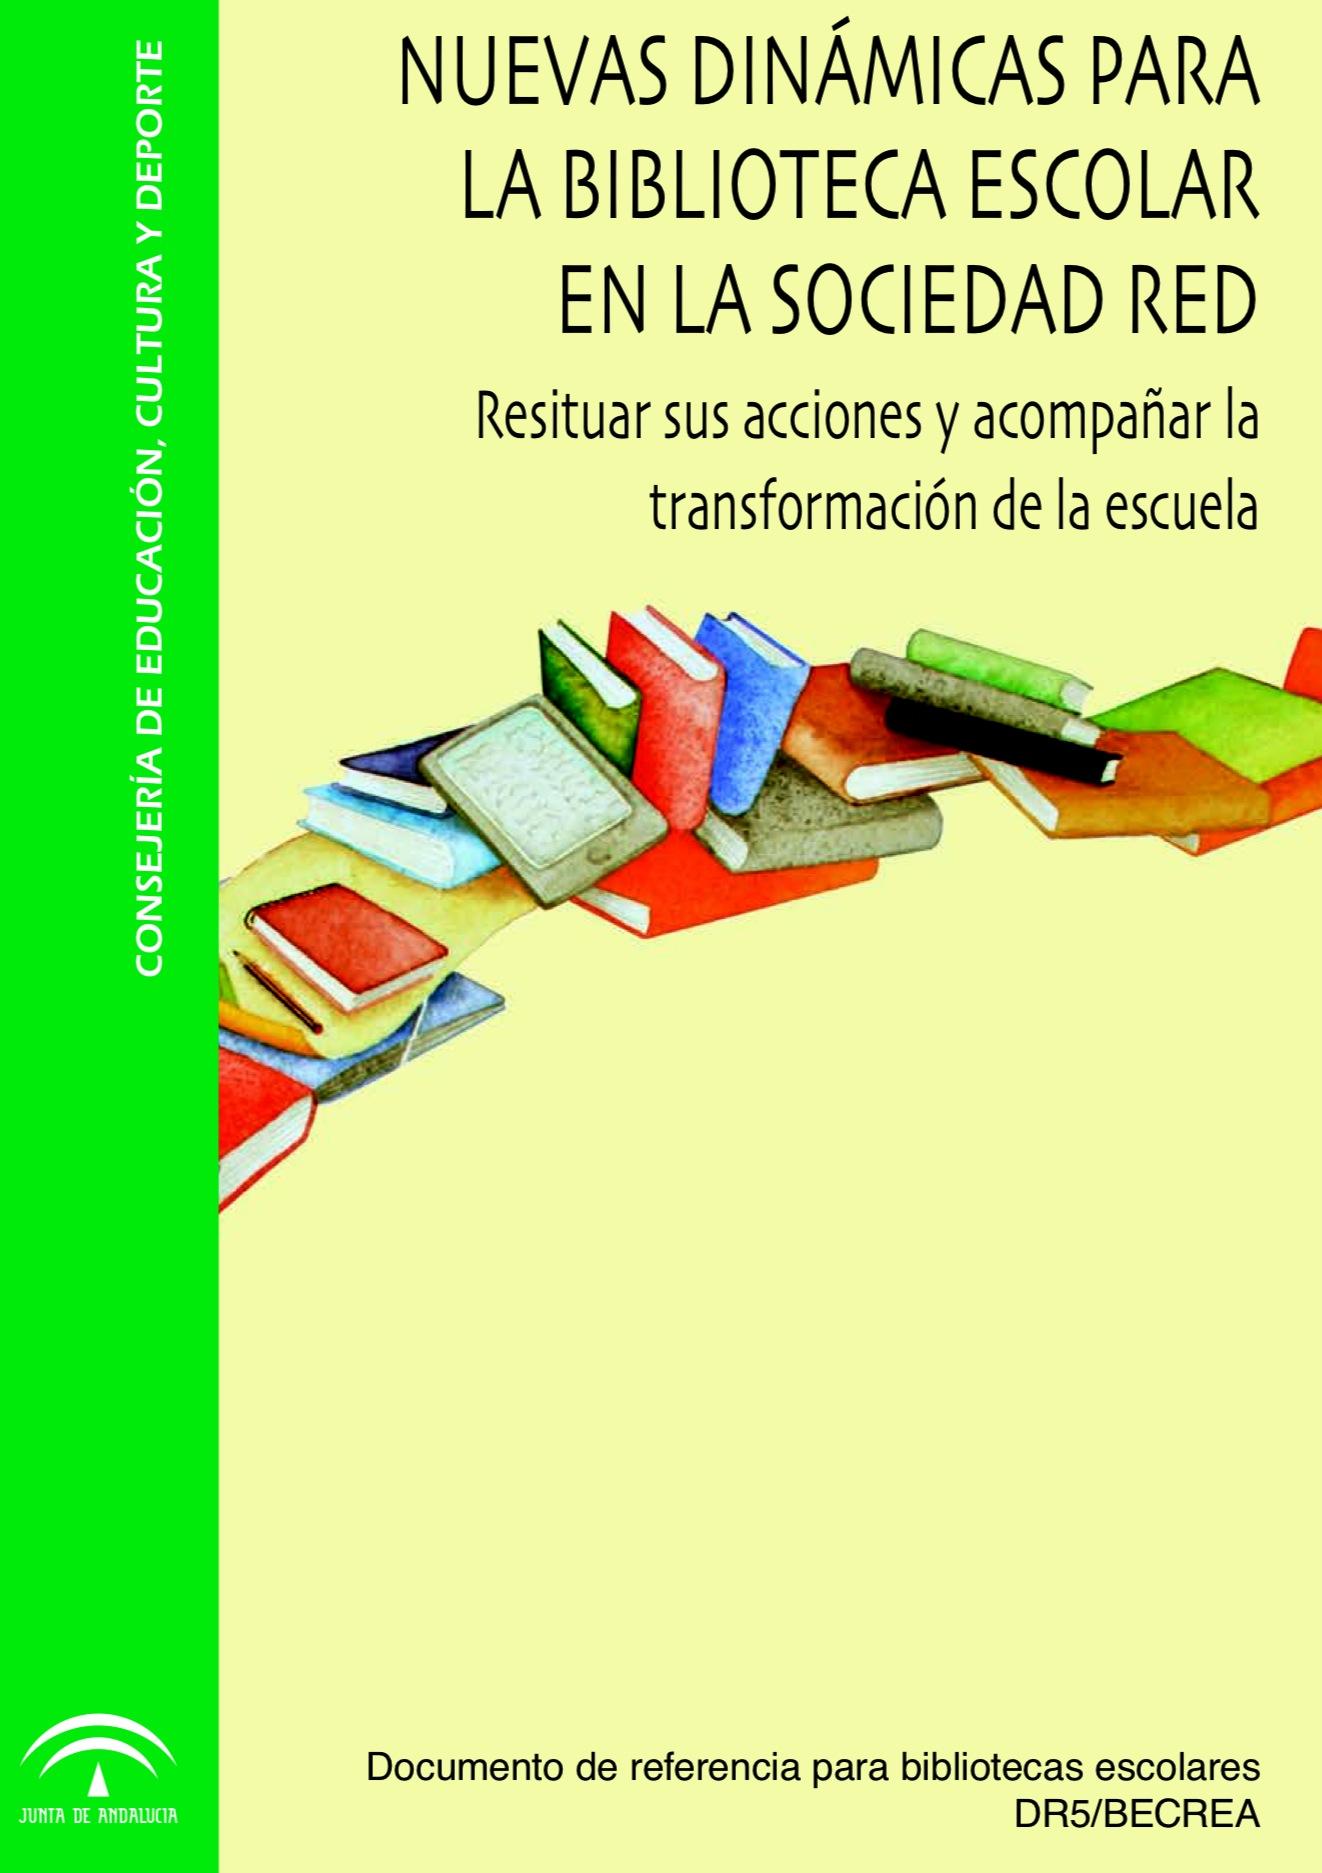 Nuevas dinámicas para la biblioteca escolar en la sociedad red (dr5becrea.PNG)